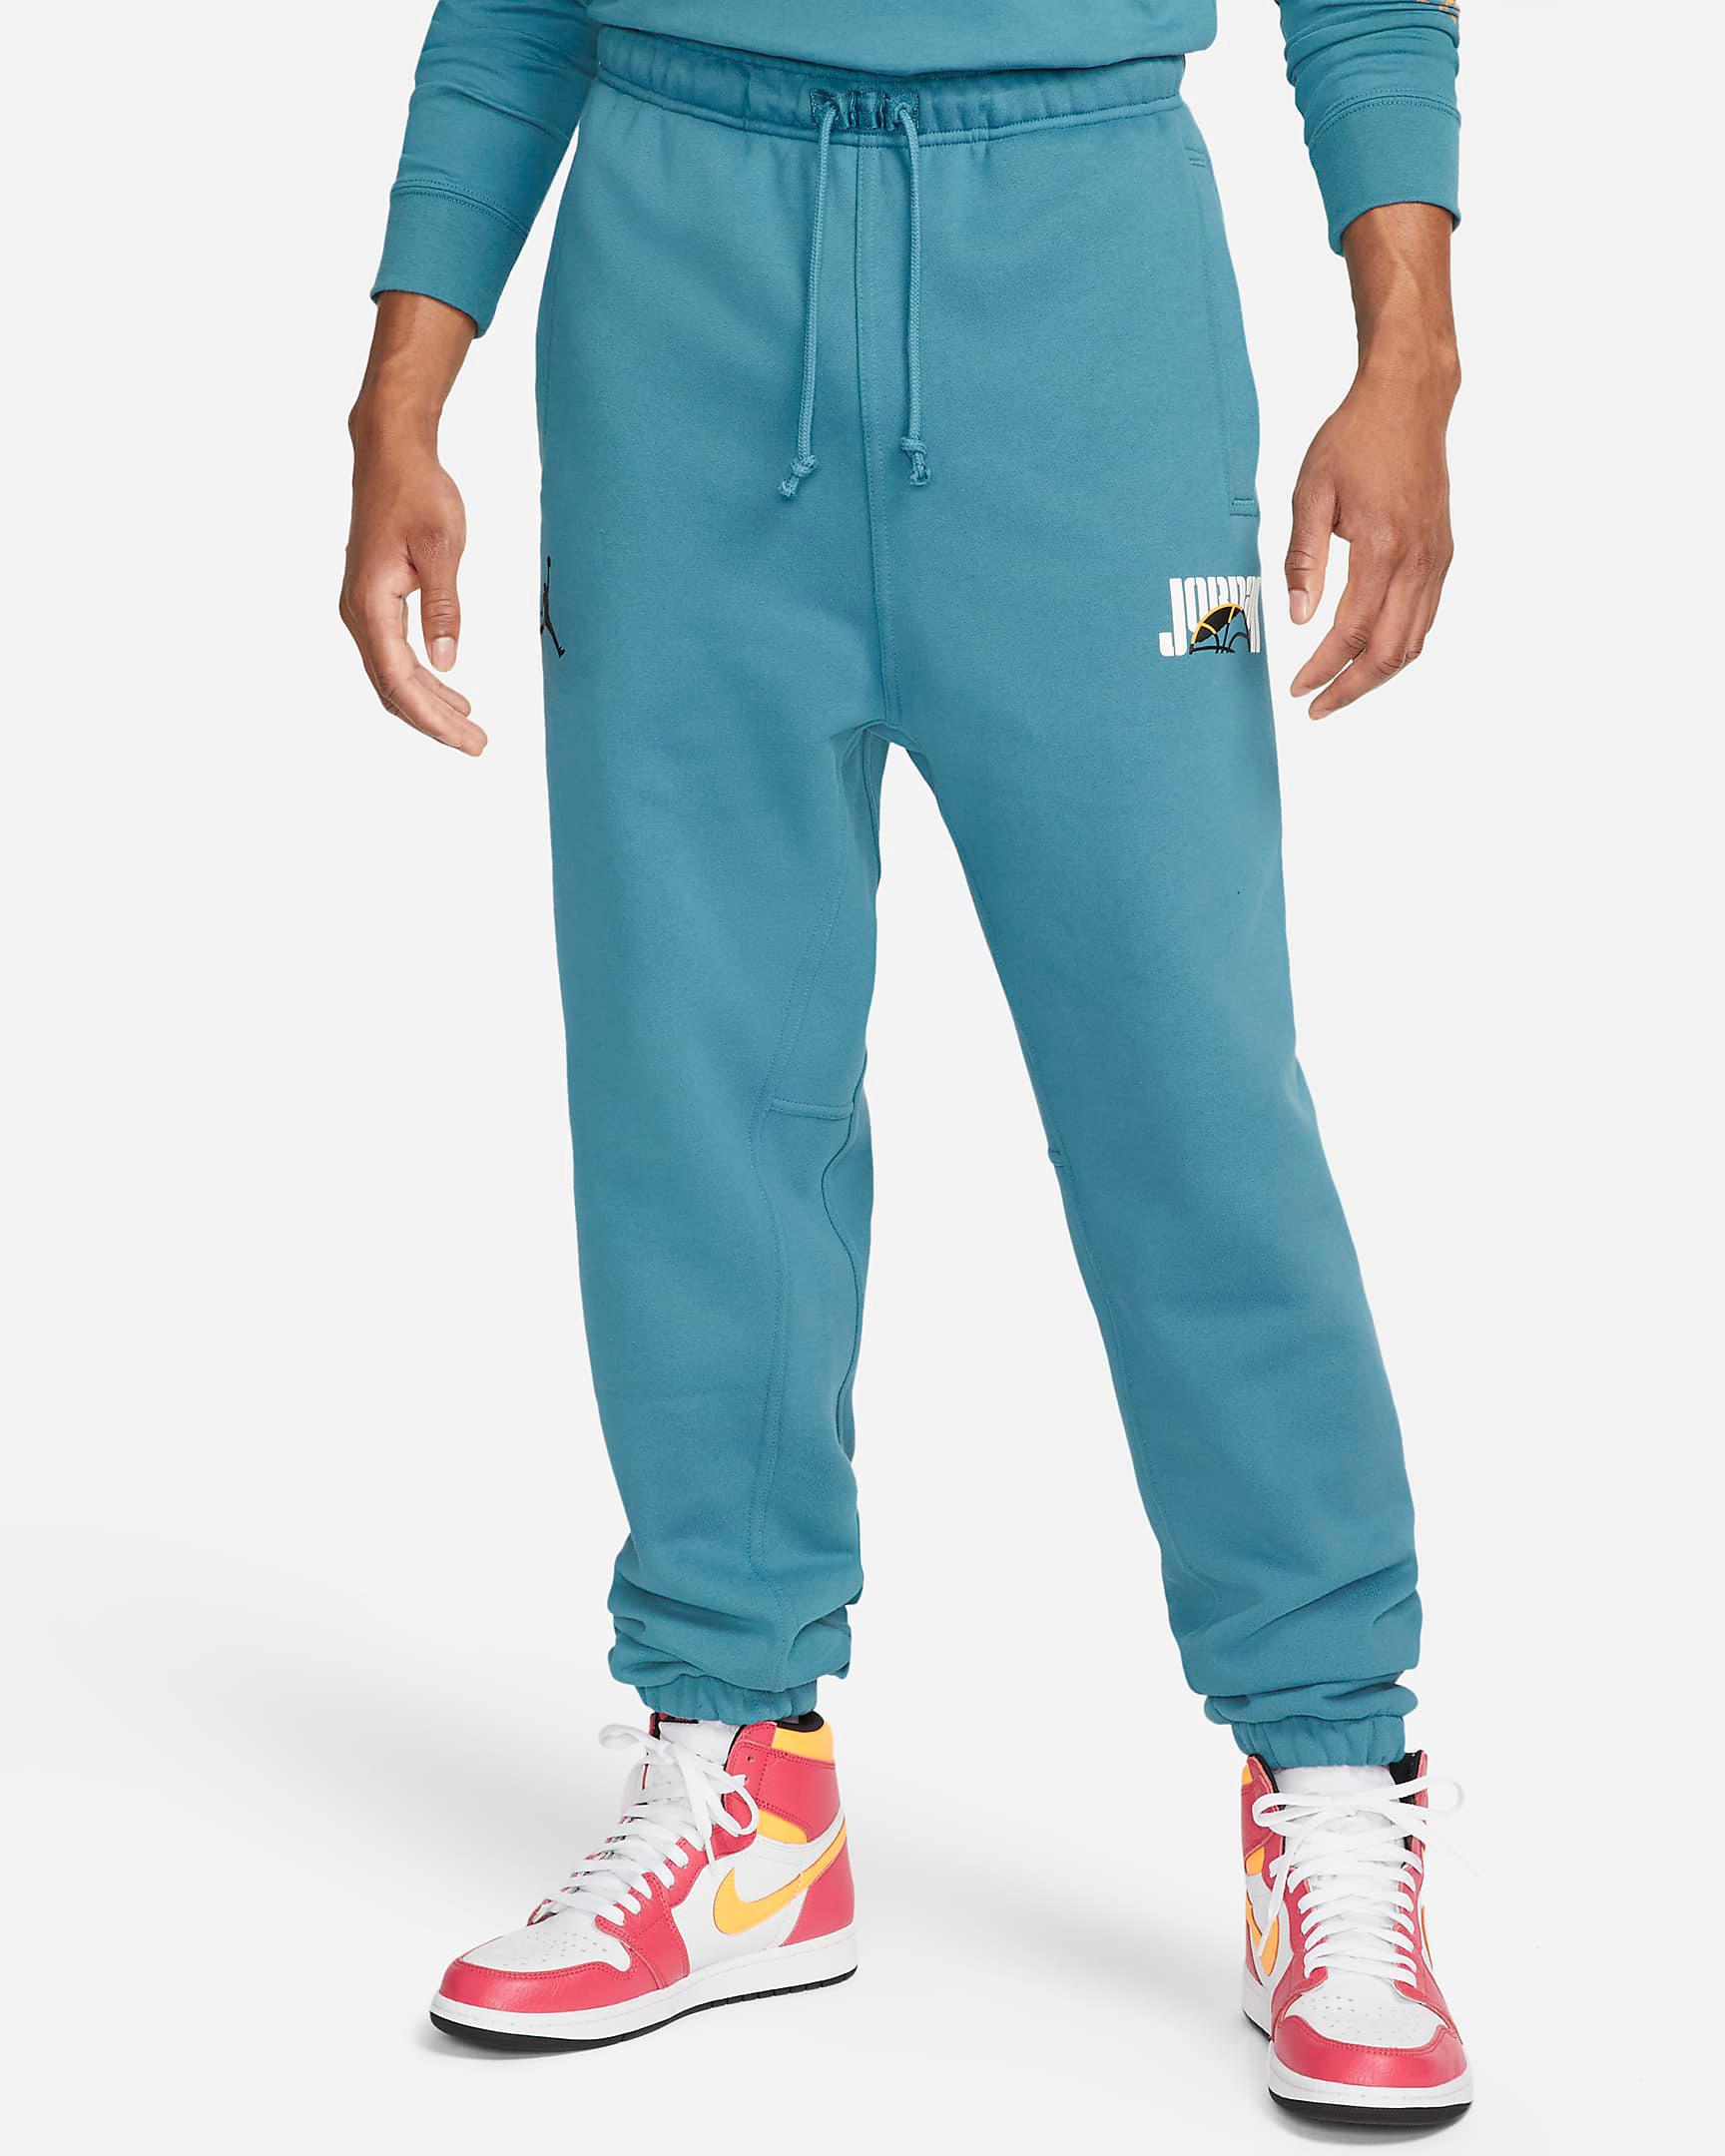 jordan-rift-blue-sport-dna-fleece-pants-1